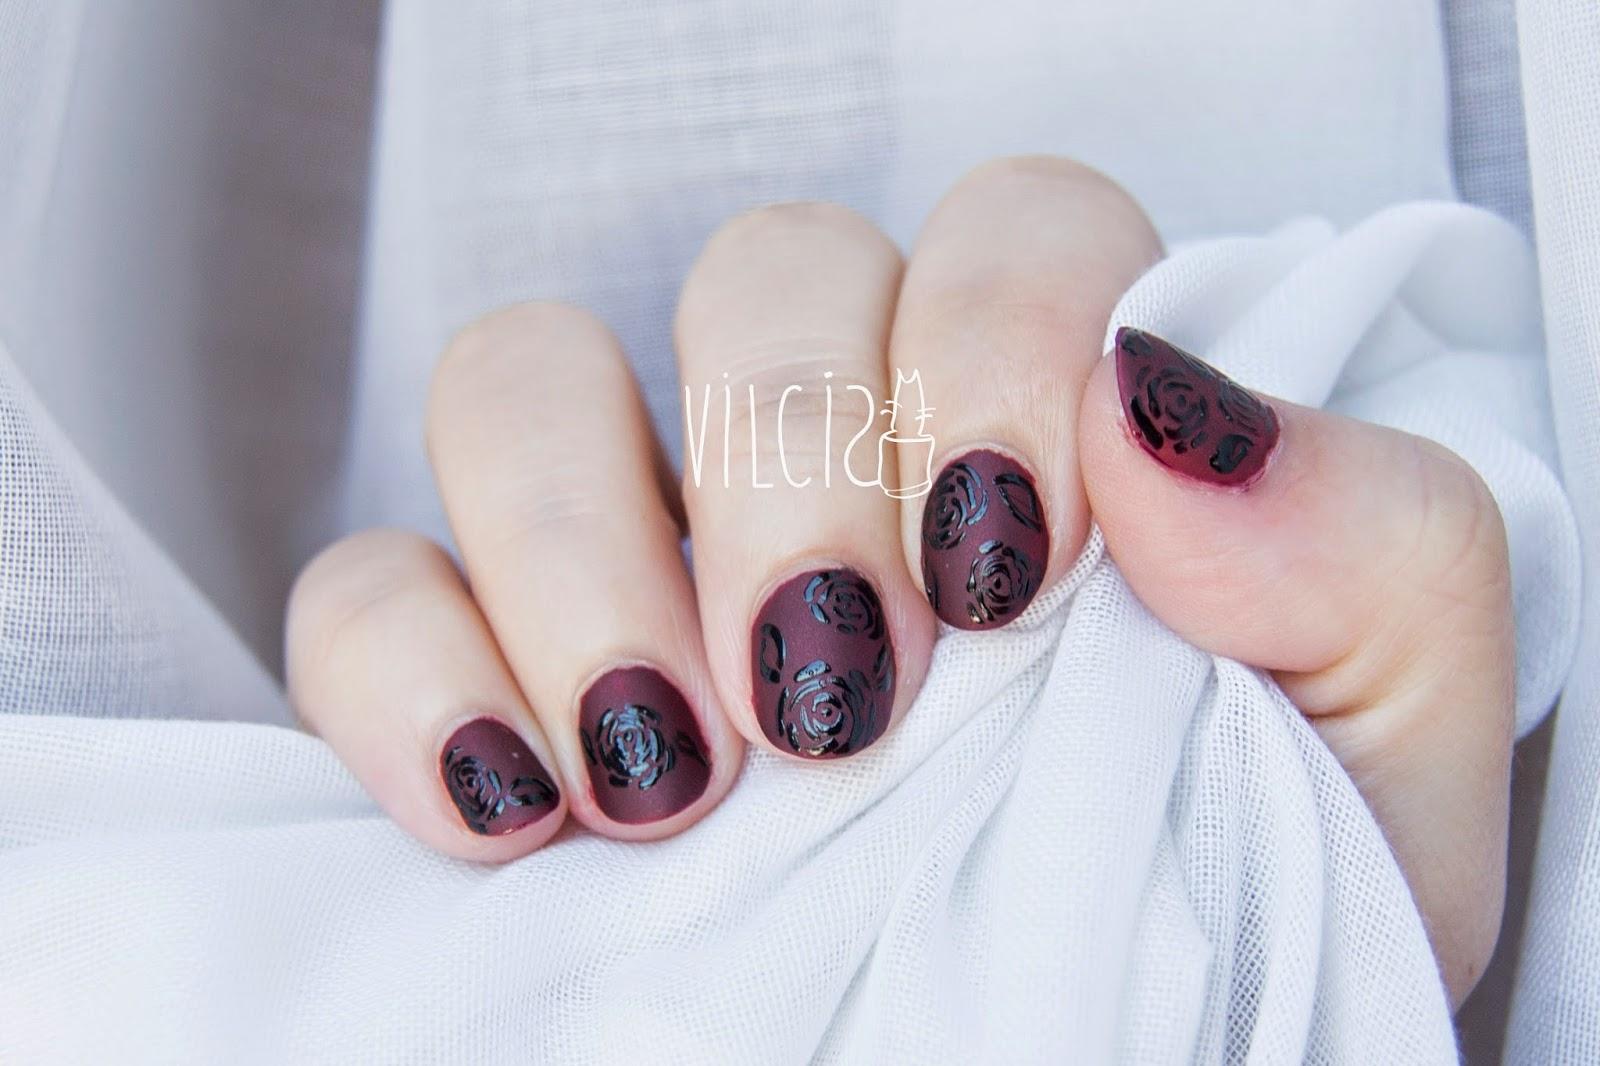 Imagenes De Rosas Negras Goticas - imagenes de rosas negras goticas Mejores Imágenes